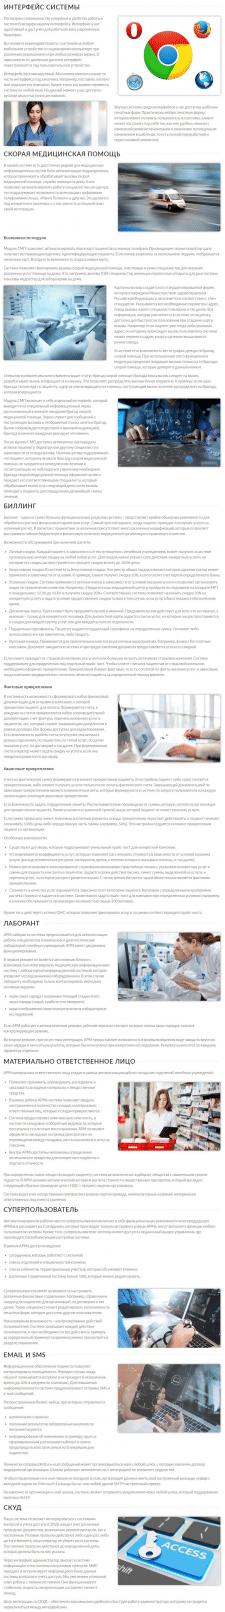 ИТ/МЕДИЦИНА | Транскрибация для SmartSmartМедицина